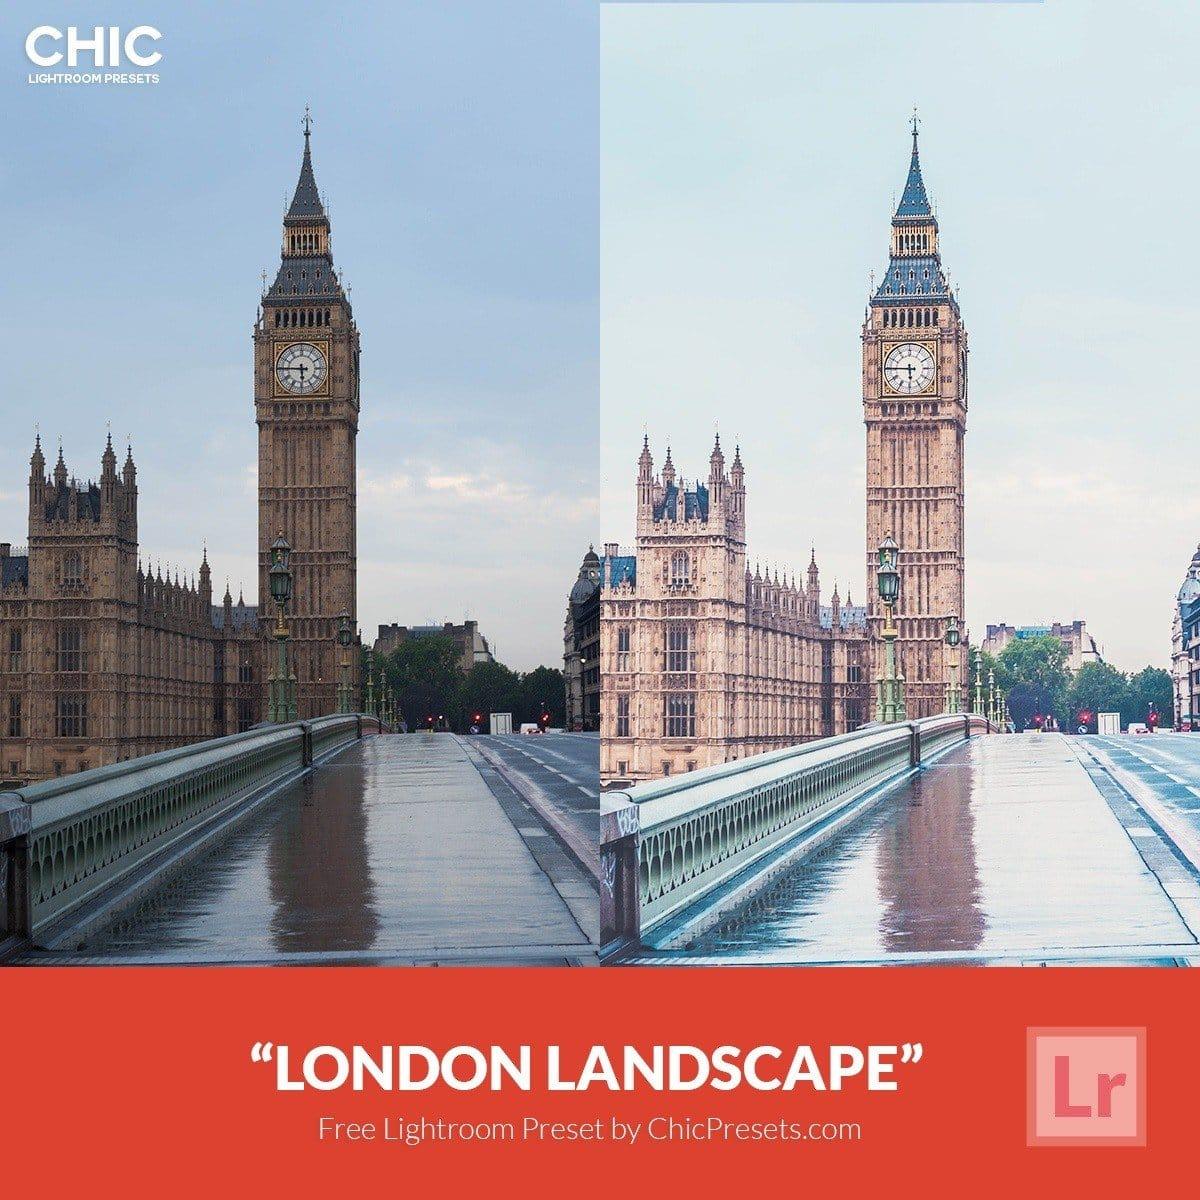 Free-Lightroom-Preset-London-Landscape